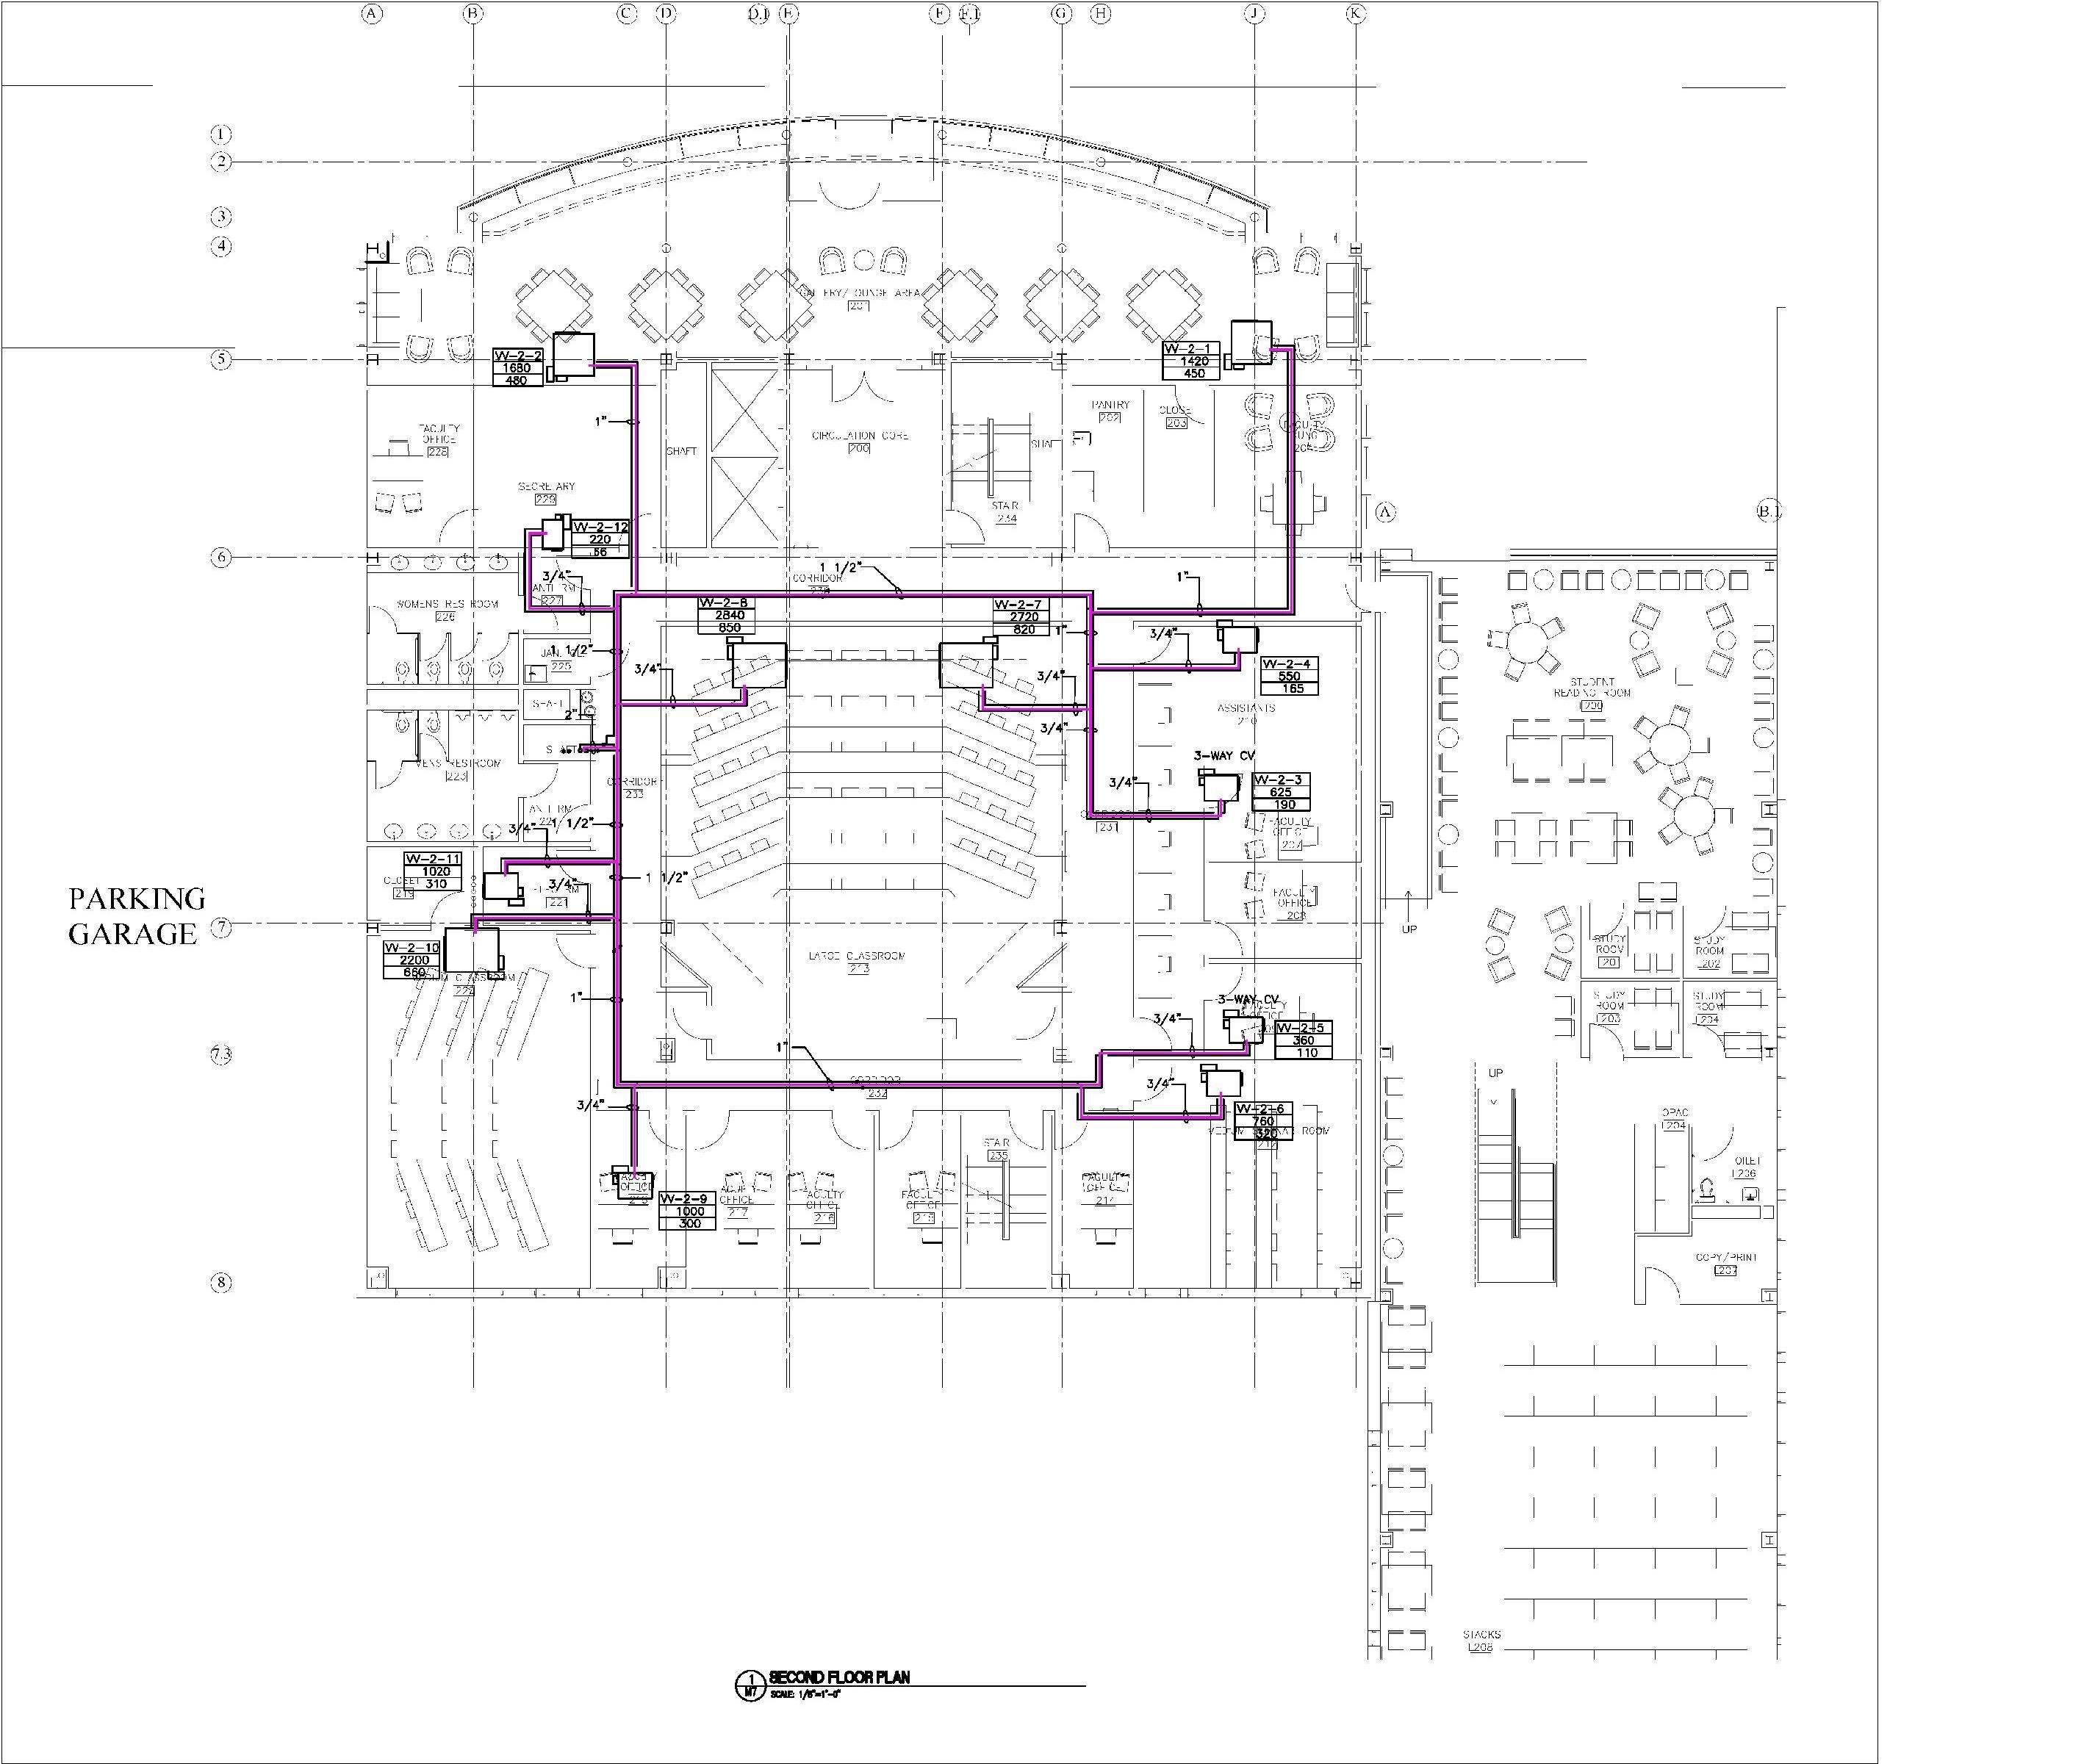 tags: #home hvac diagram#basic hvac diagram#hvac components diagram#hvac  compressor diagram#hvac split system diagram#hvac parts diagram#hvac wiring